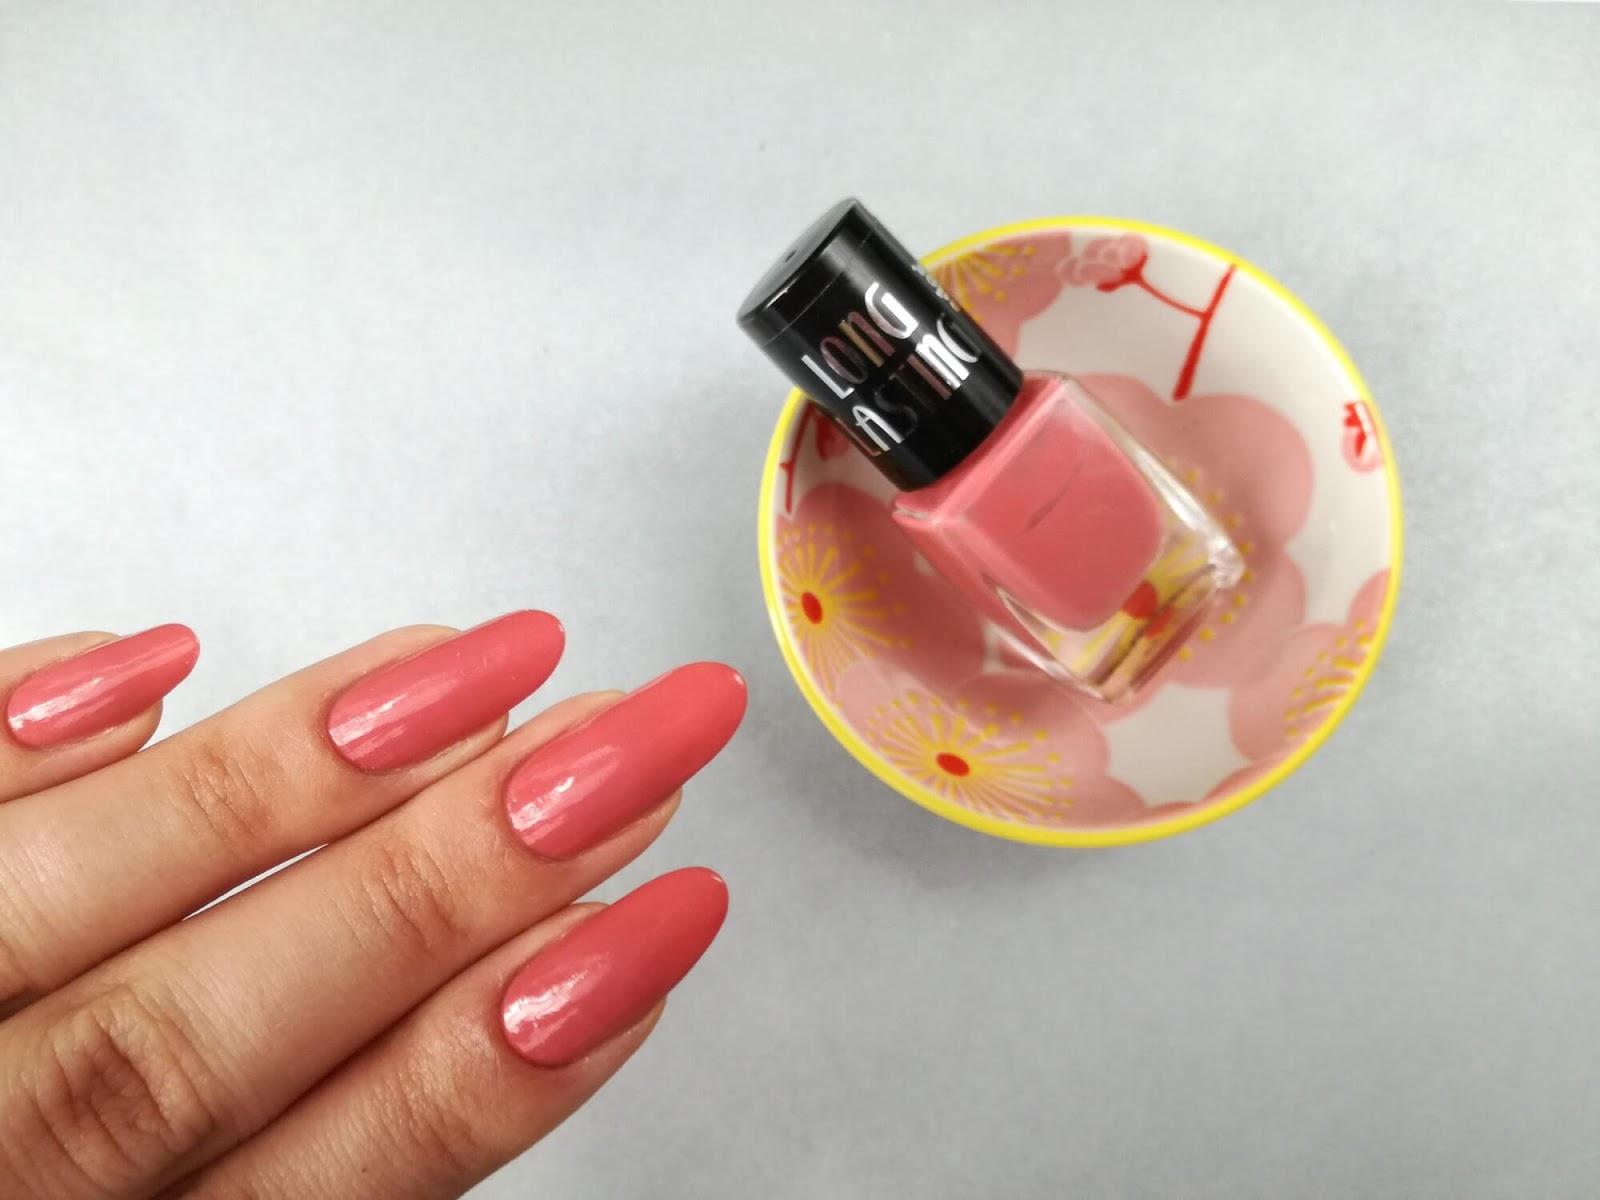 koralowe paznokcie z lakierem Ados